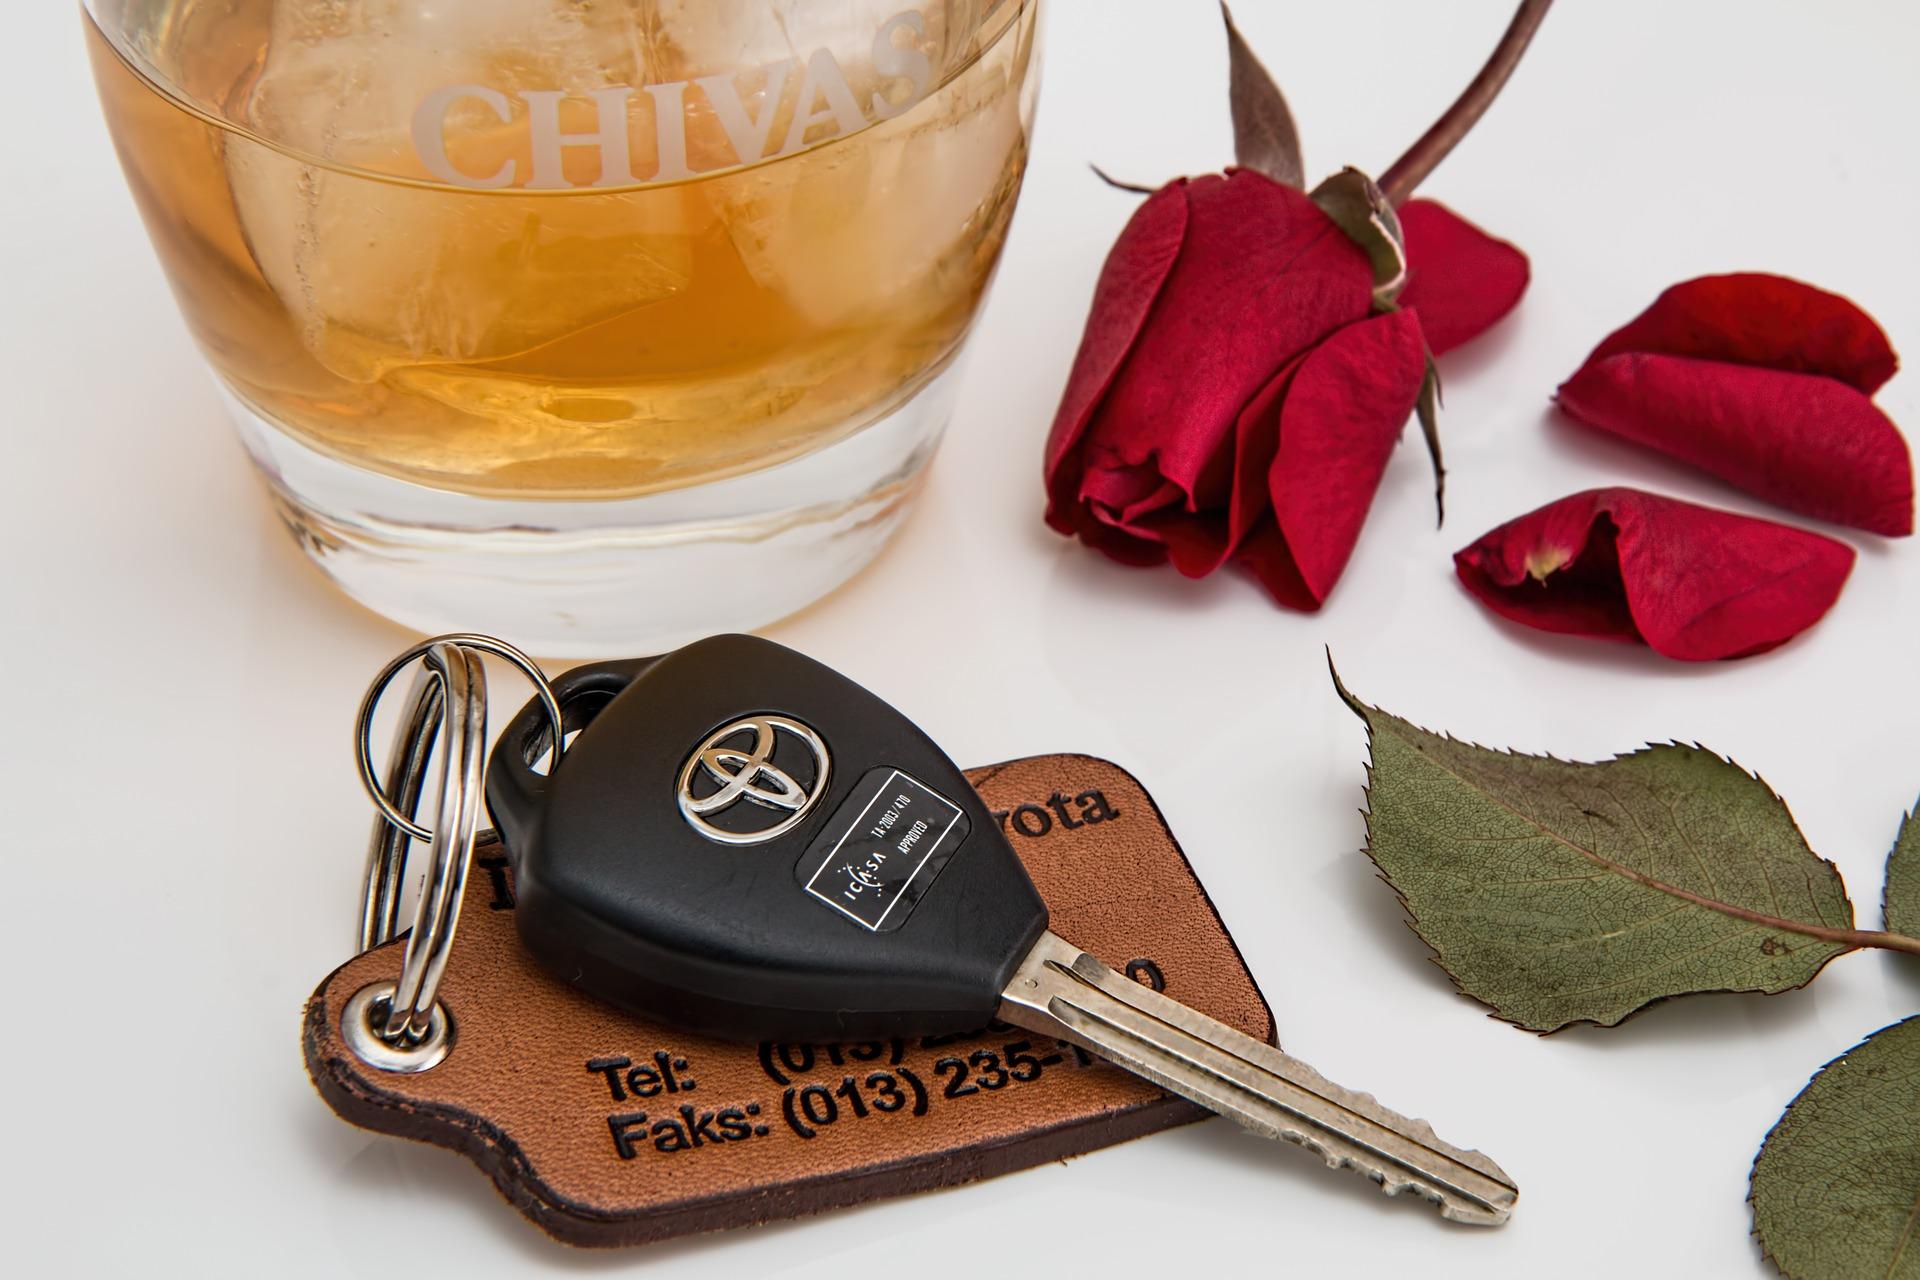 飲酒運転の夢の意味11選!捕まる・事故・検問・帰るなど【夢占い】